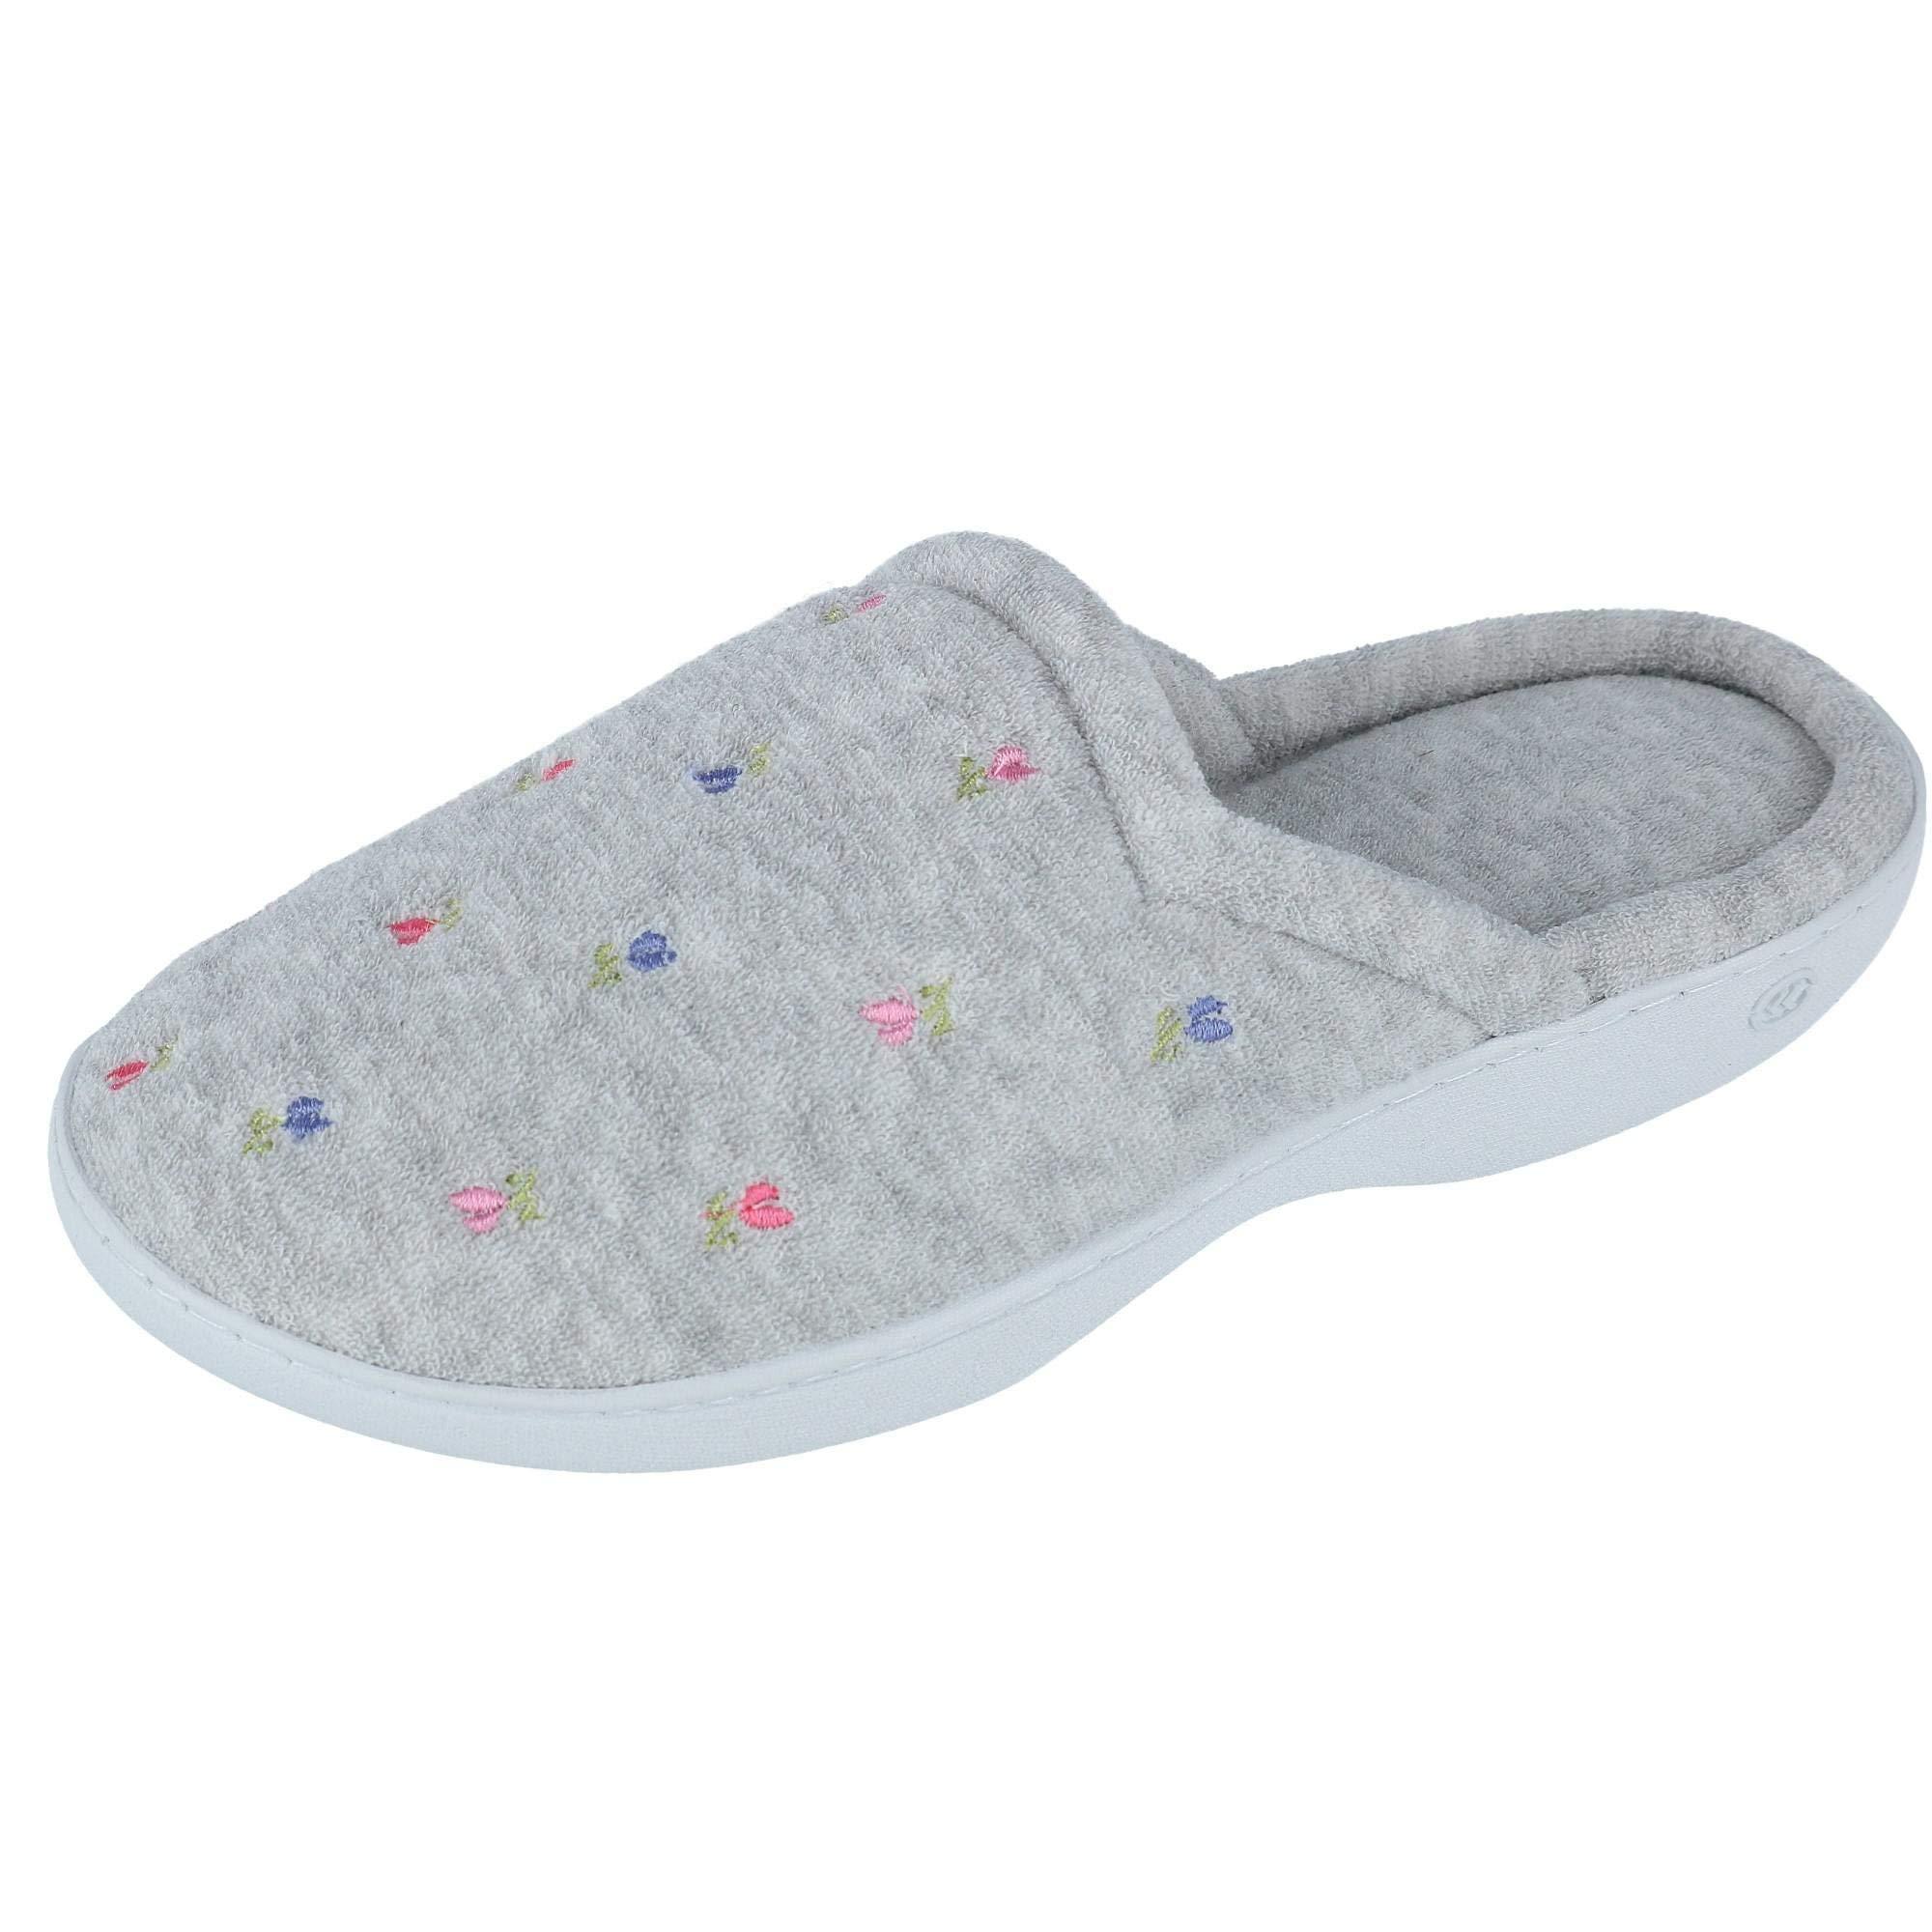 isotoner Women's TerrySlip on Clog Slipper with Memory Foam for Indoor/Outdoor Comfort